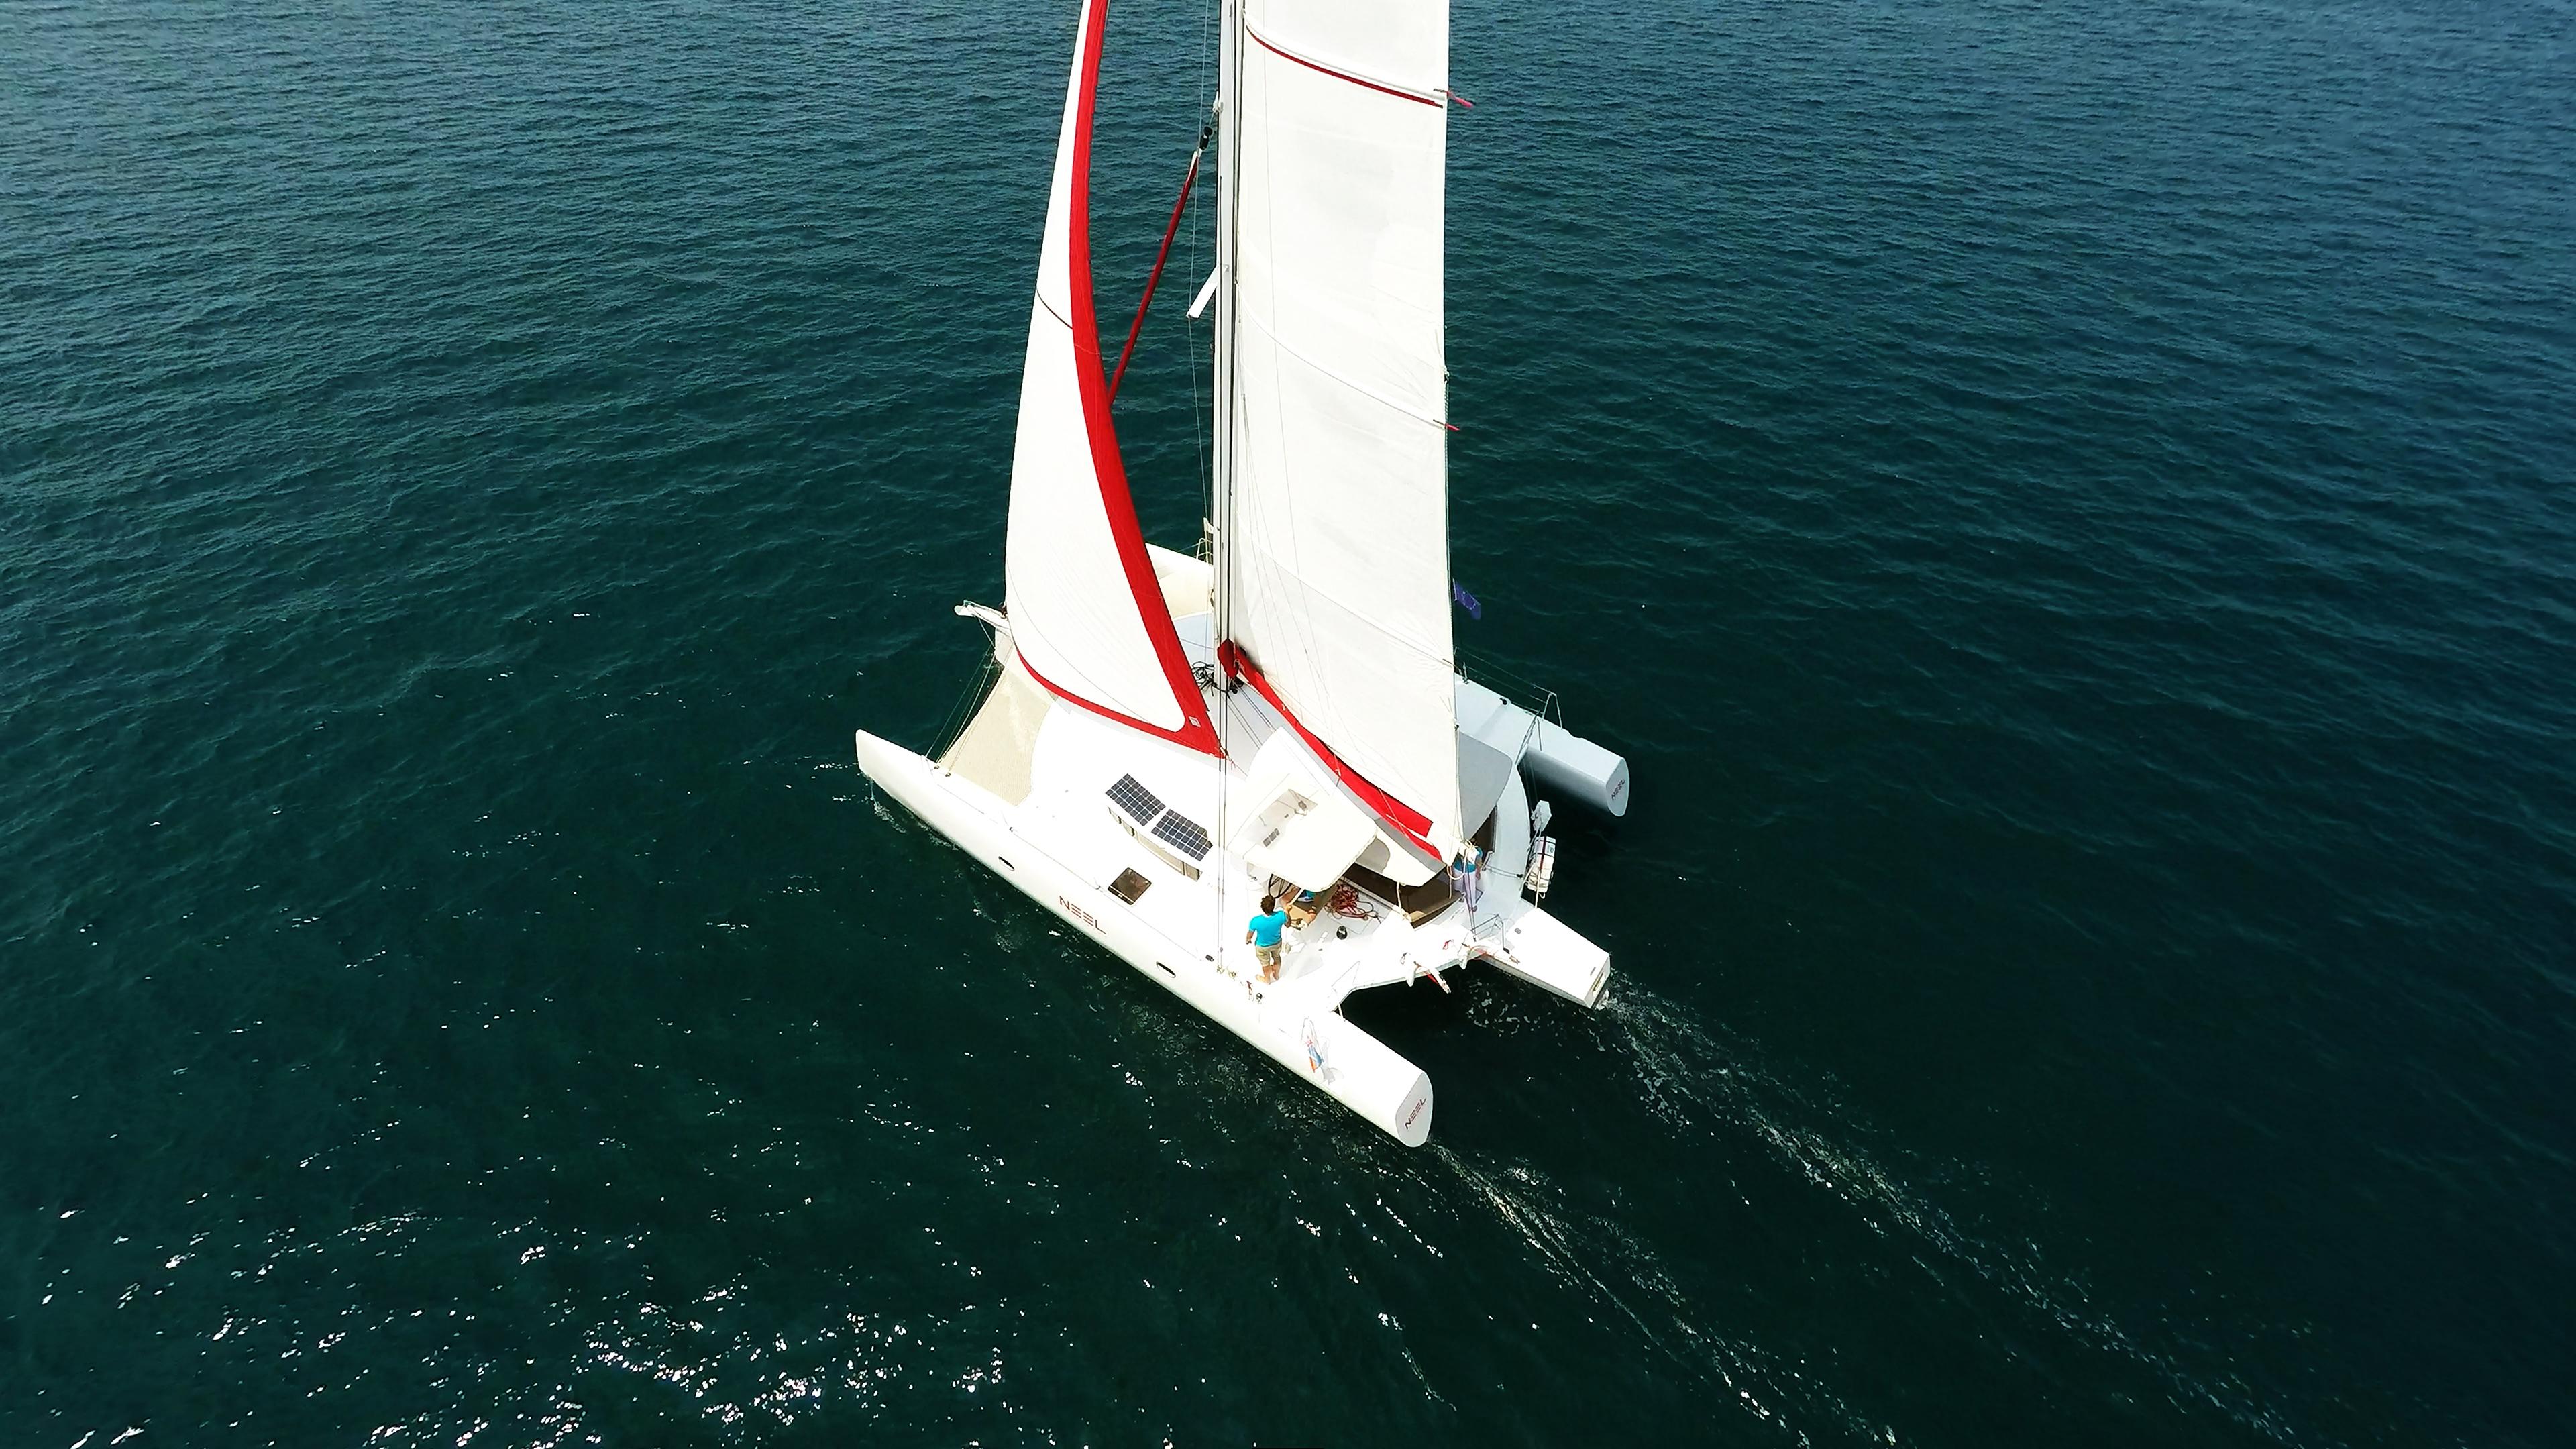 multiscafo yacht trimarano naviga a vela